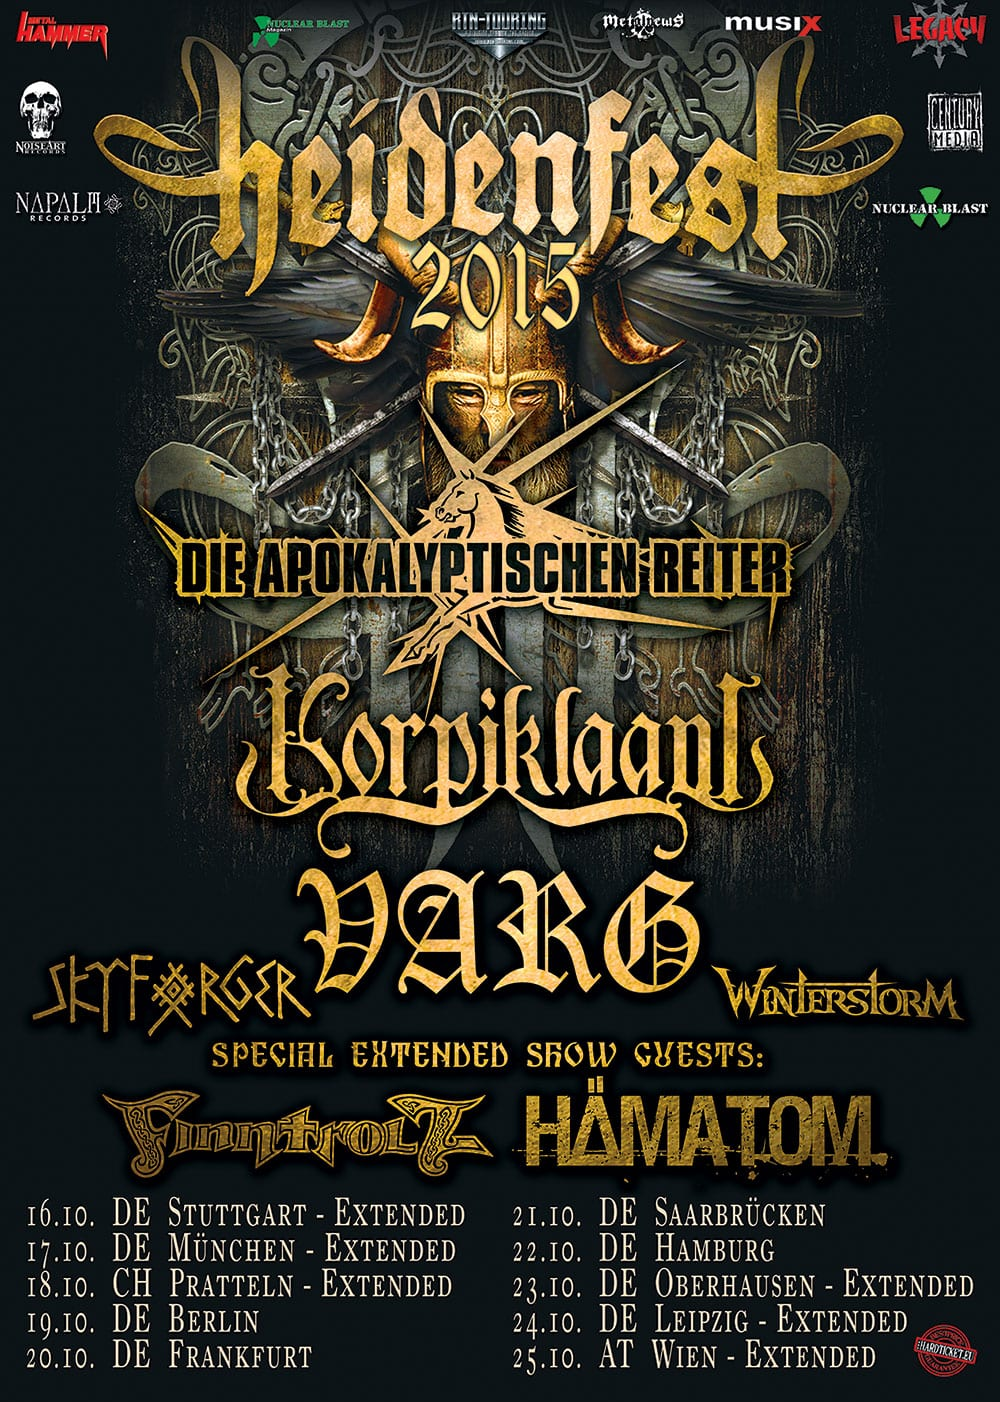 Poster: Heidenfest 2015